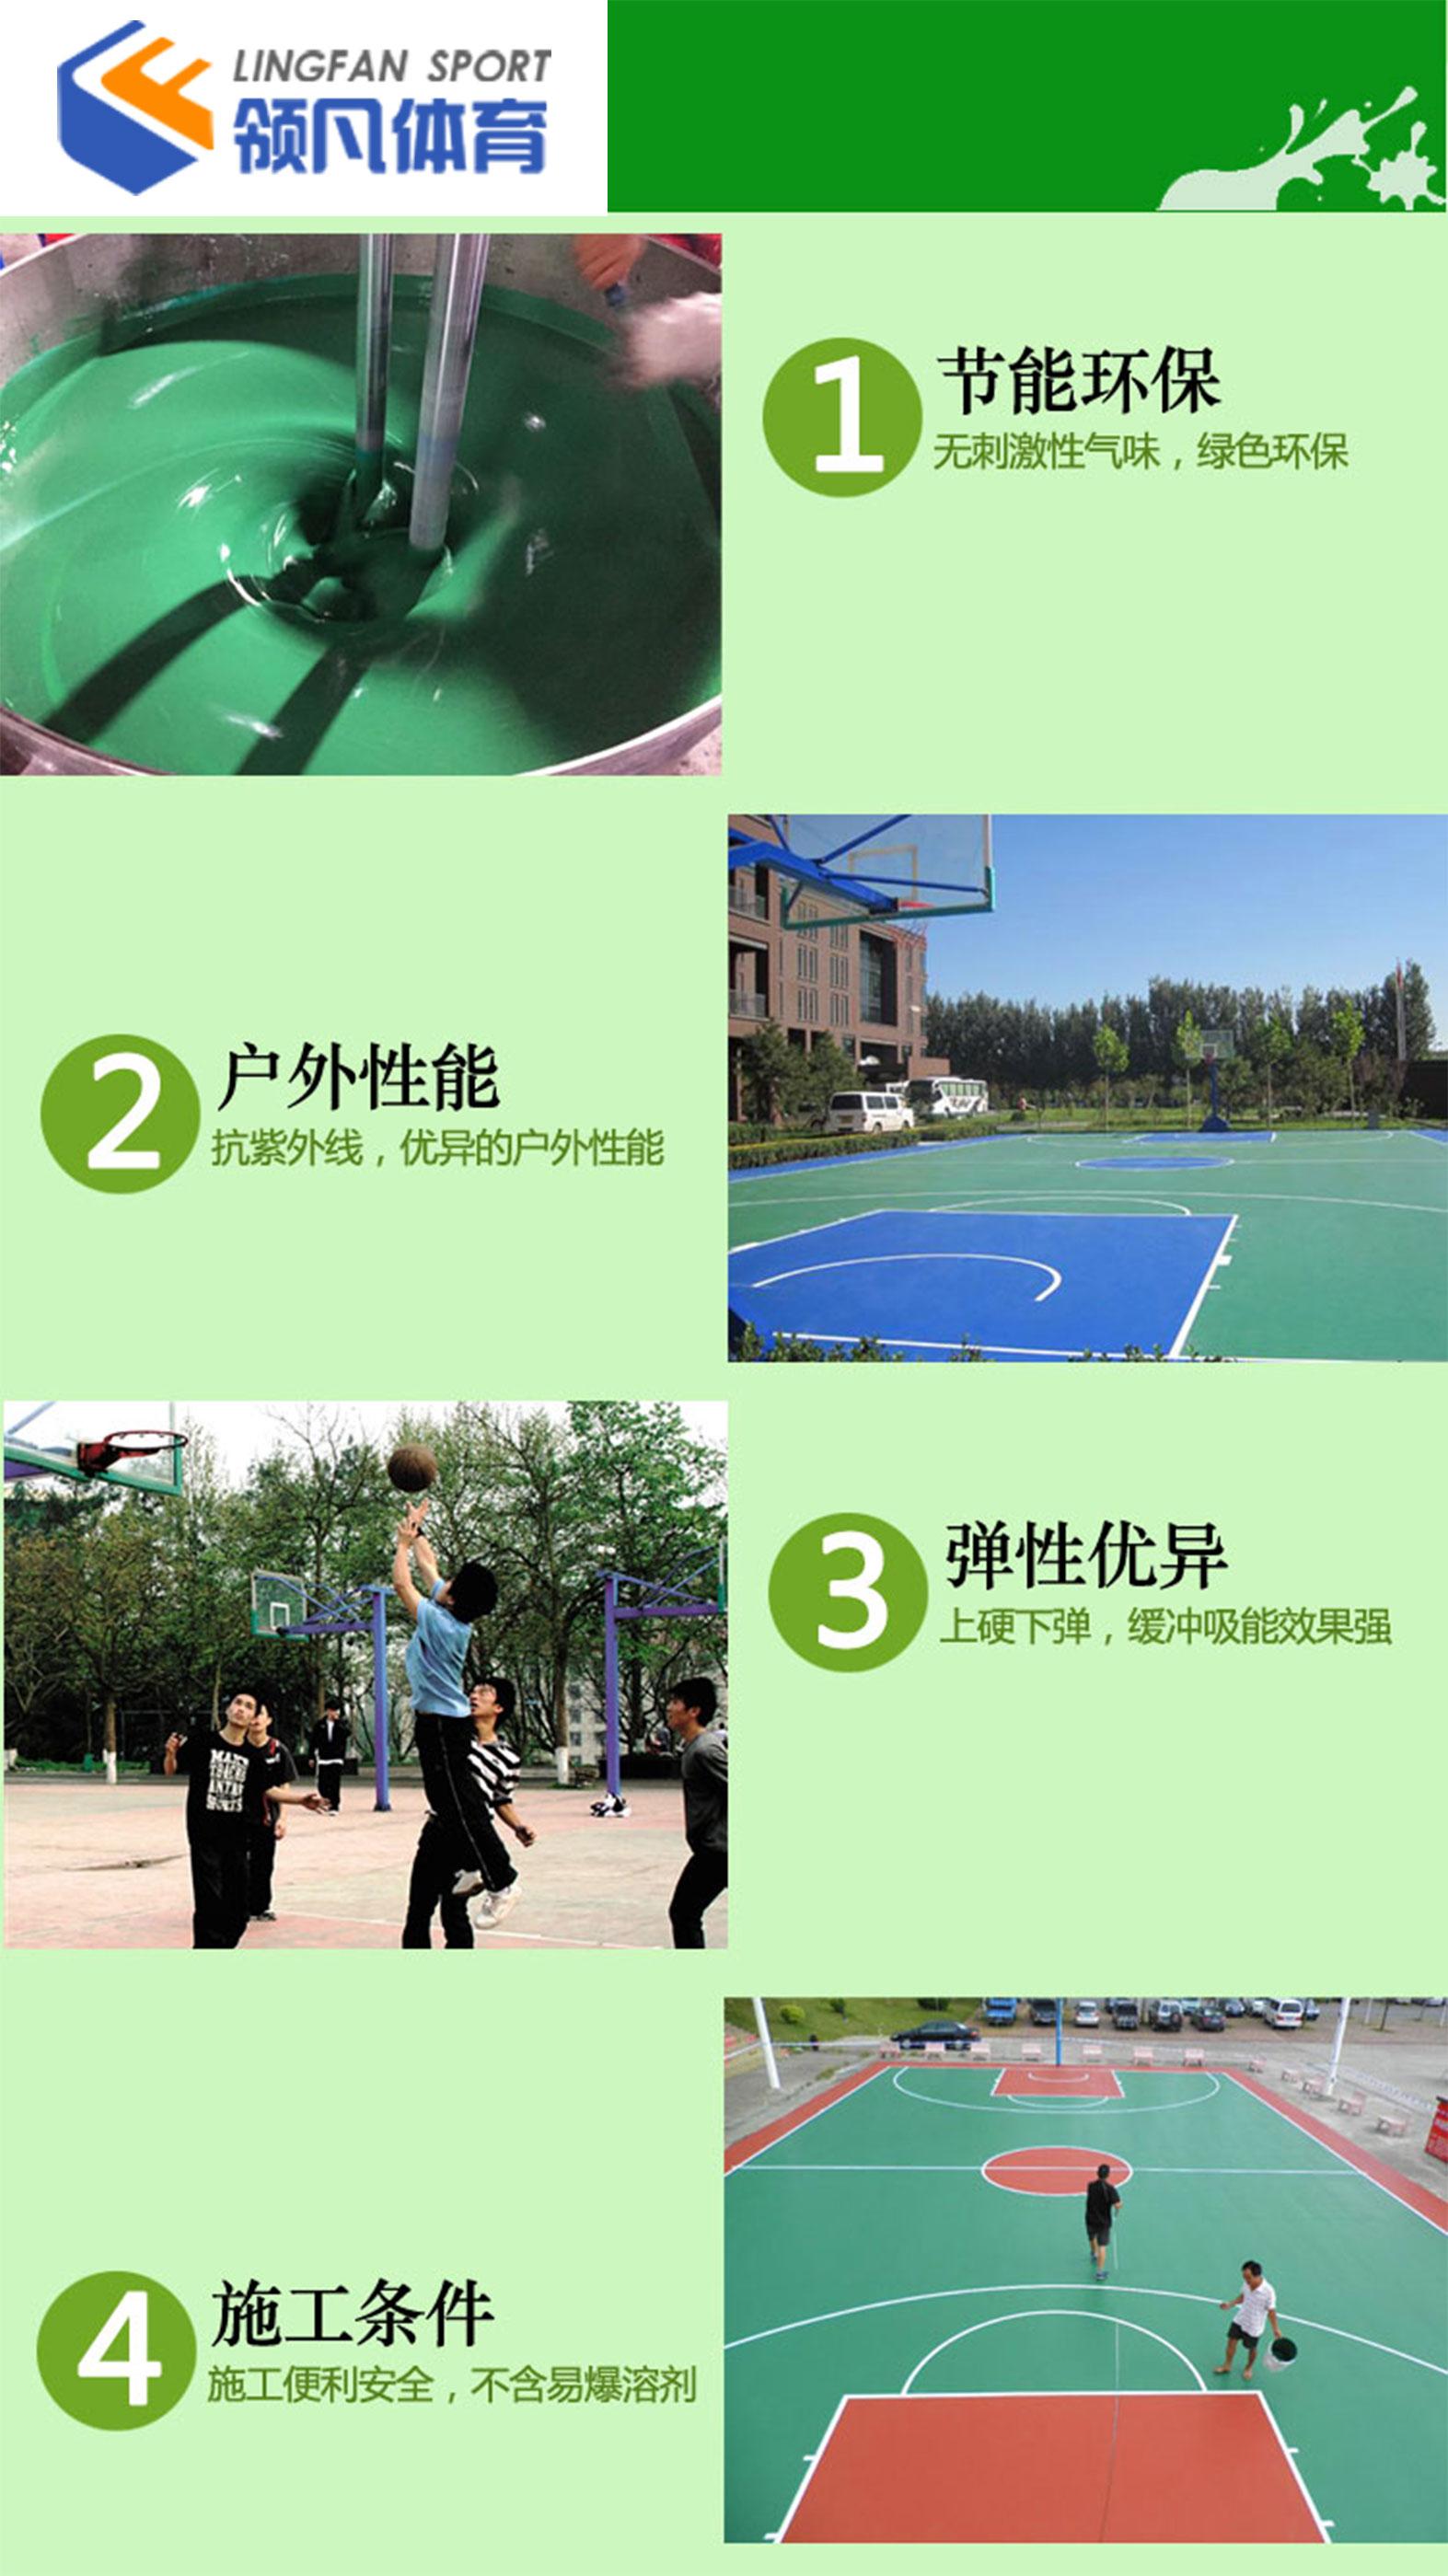 重庆硅pu球场,重庆硅pu,重庆丙烯酸球场